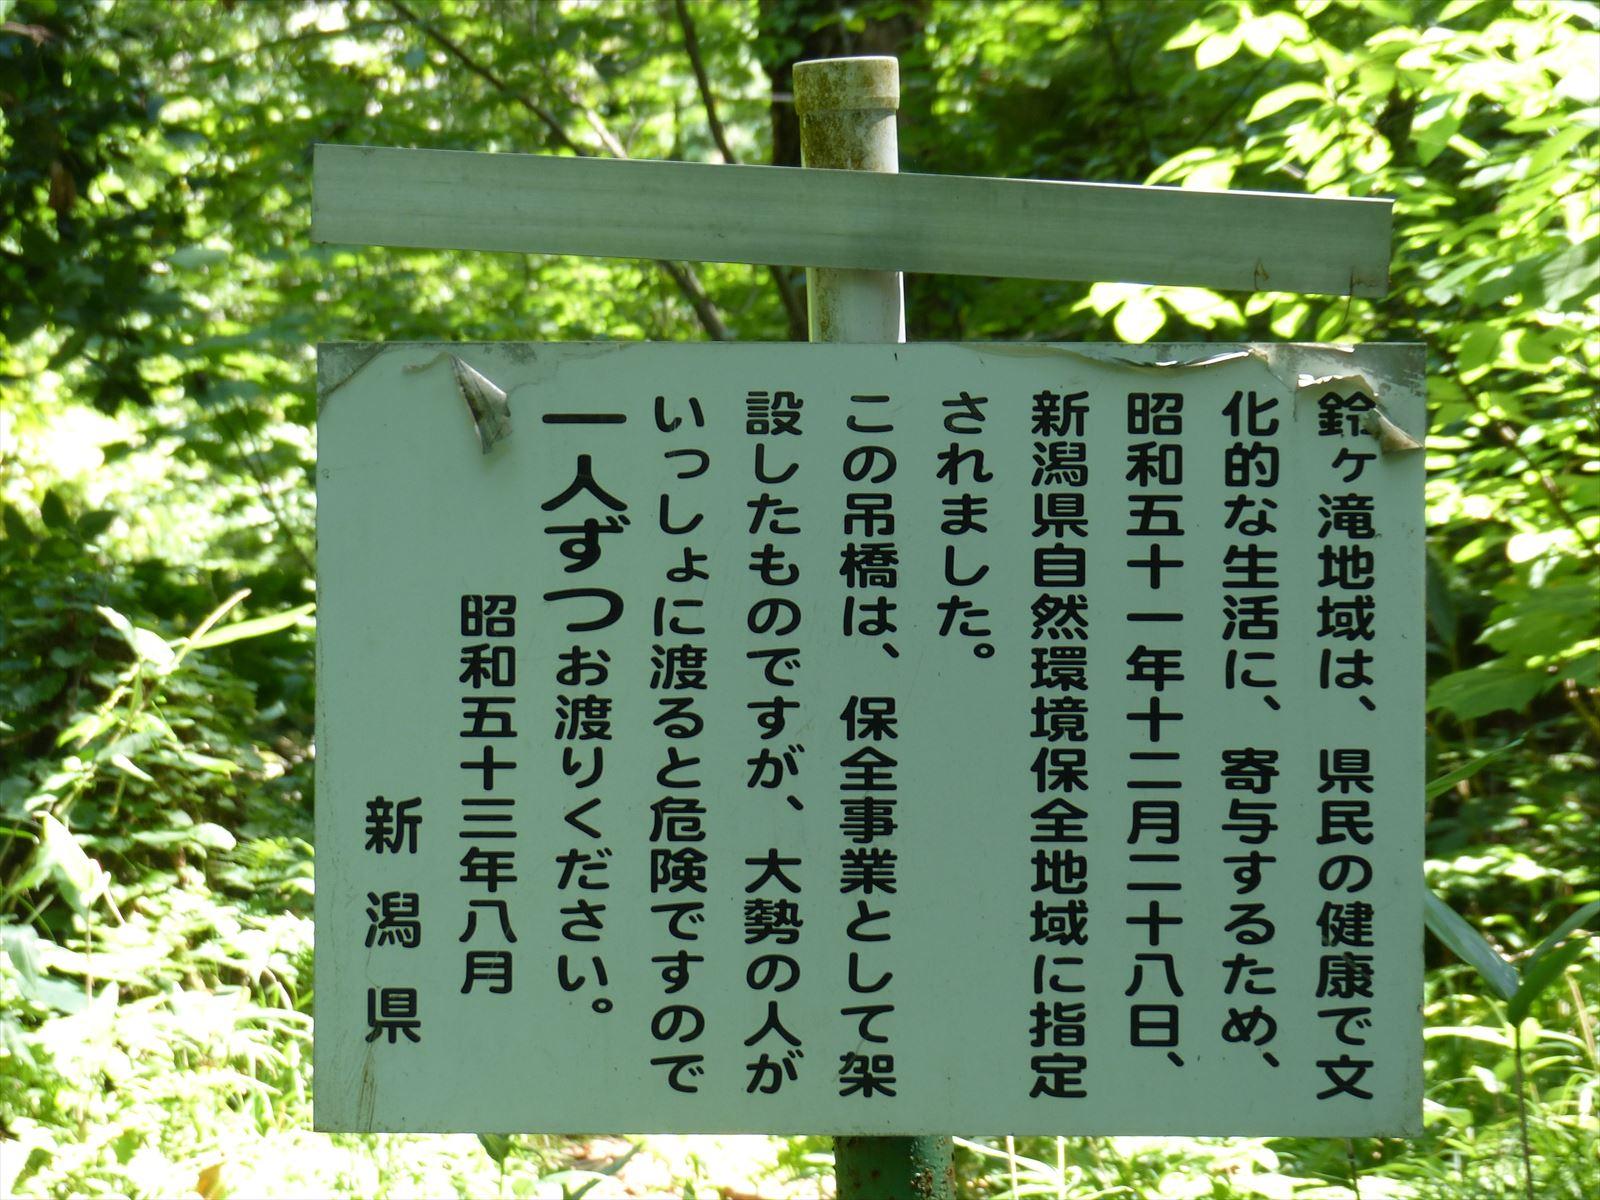 吊り橋注意書き_R